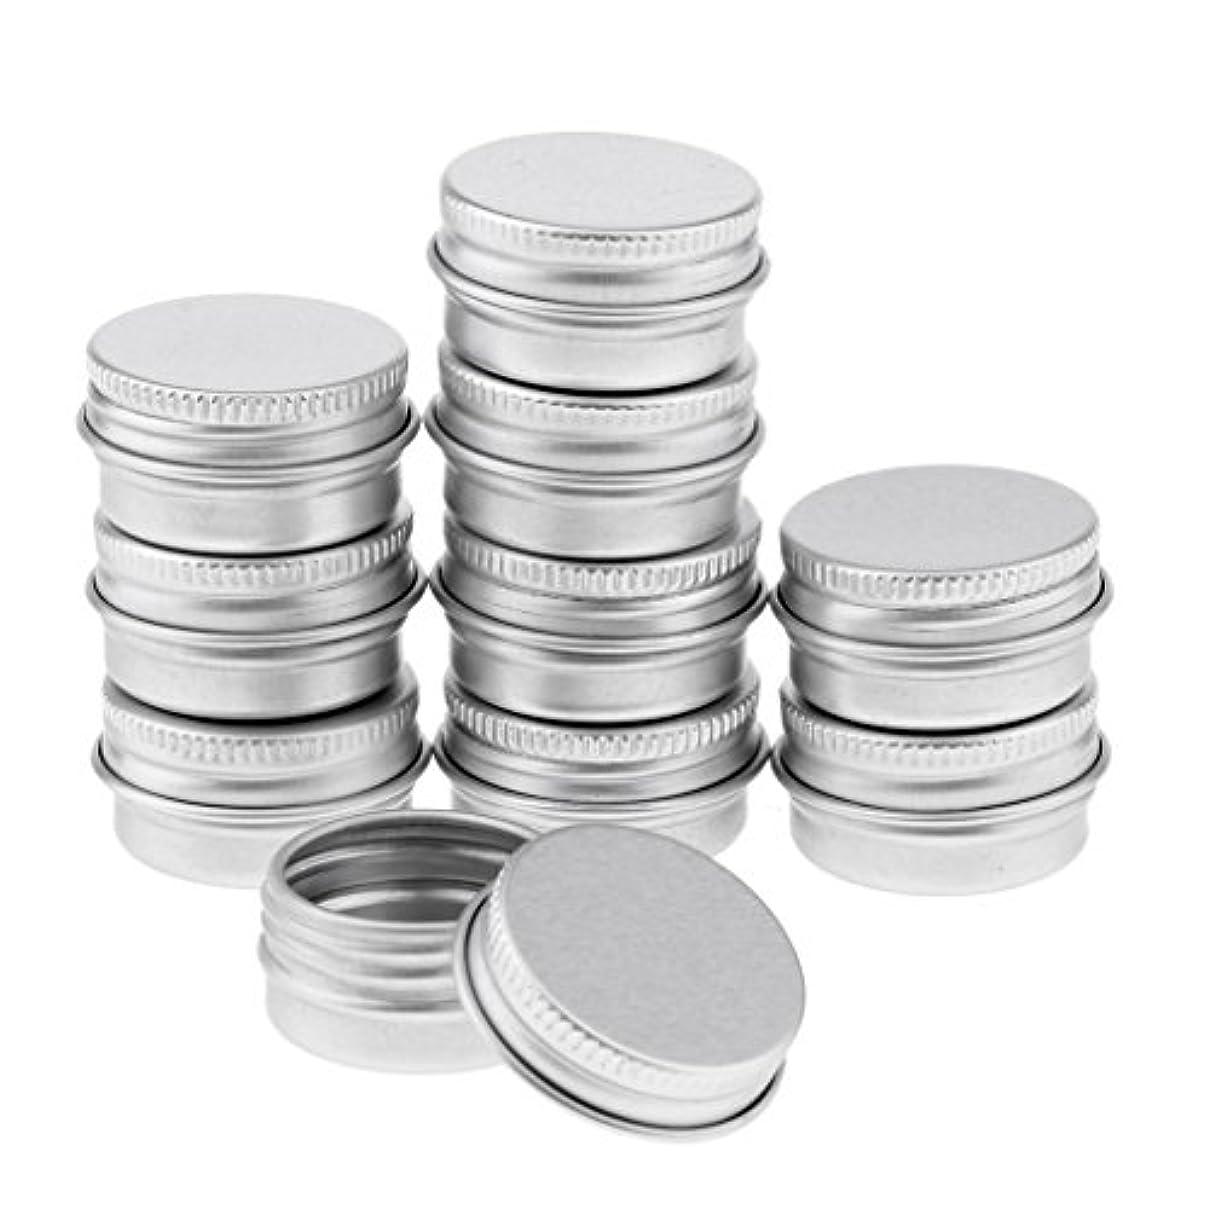 支店反映するタイヤBlesiya 10個 アルミ製 コスメ 詰替え 容器 空缶 スクリュー蓋付き 容器 ジャー トップラウンド 約5g